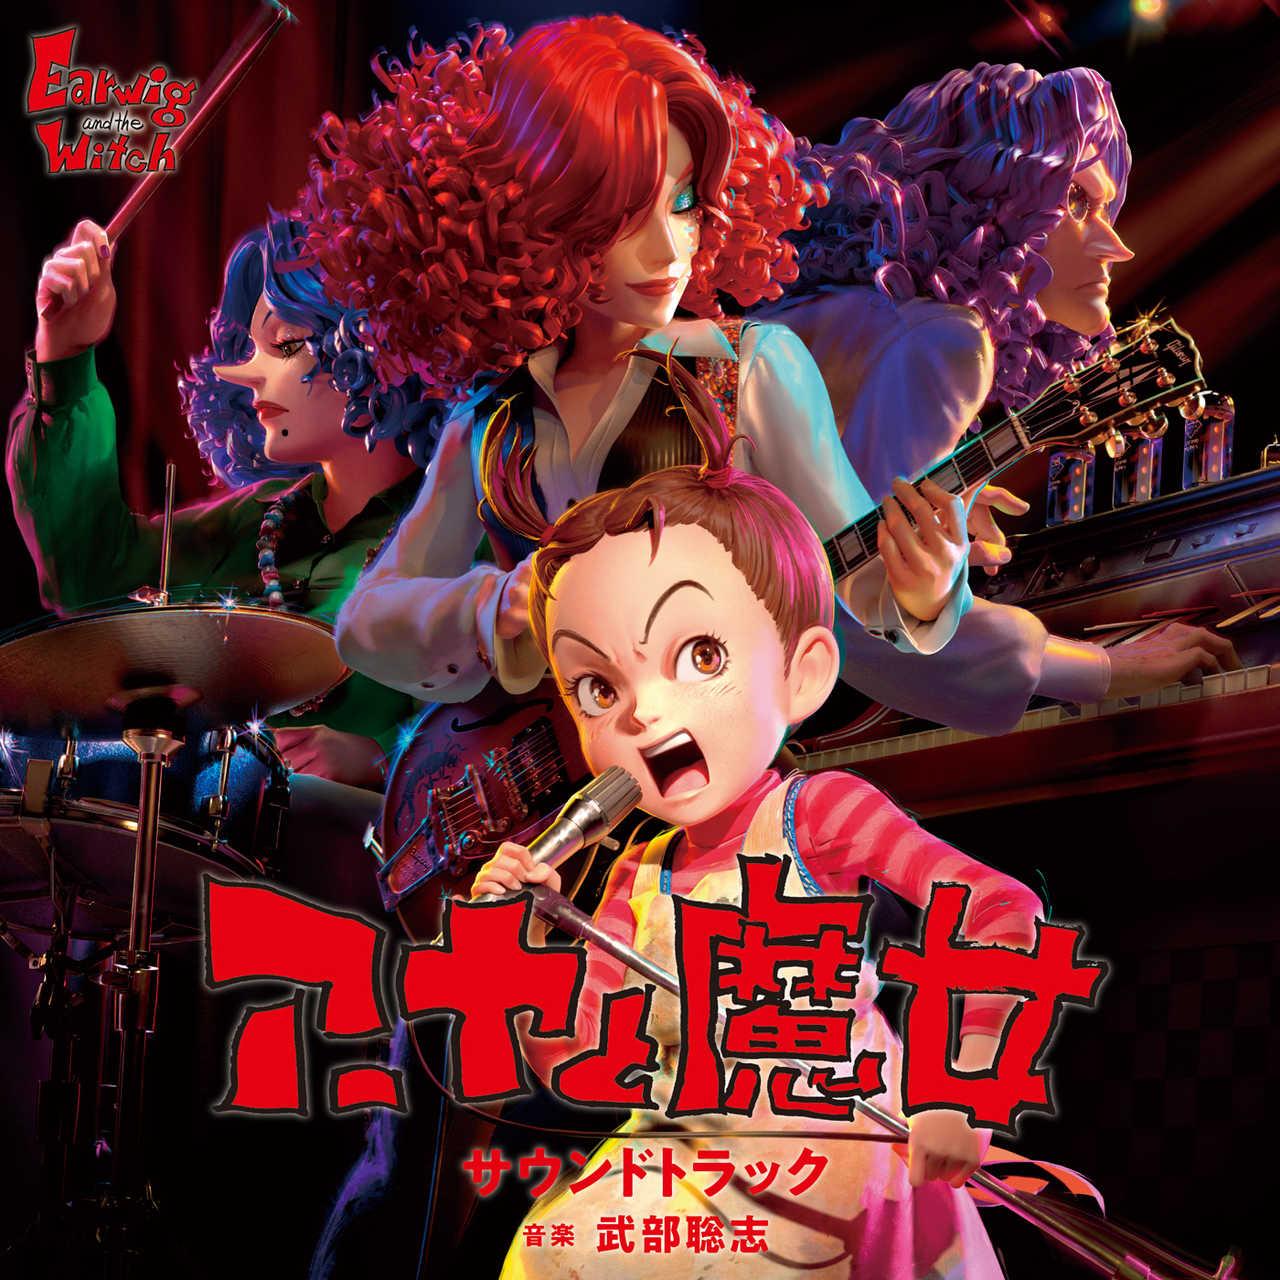 12月30日放送 ジブリ初の3DCGアニメ「アーヤと魔女」サウンドトラックがCDと配信で発売決定!